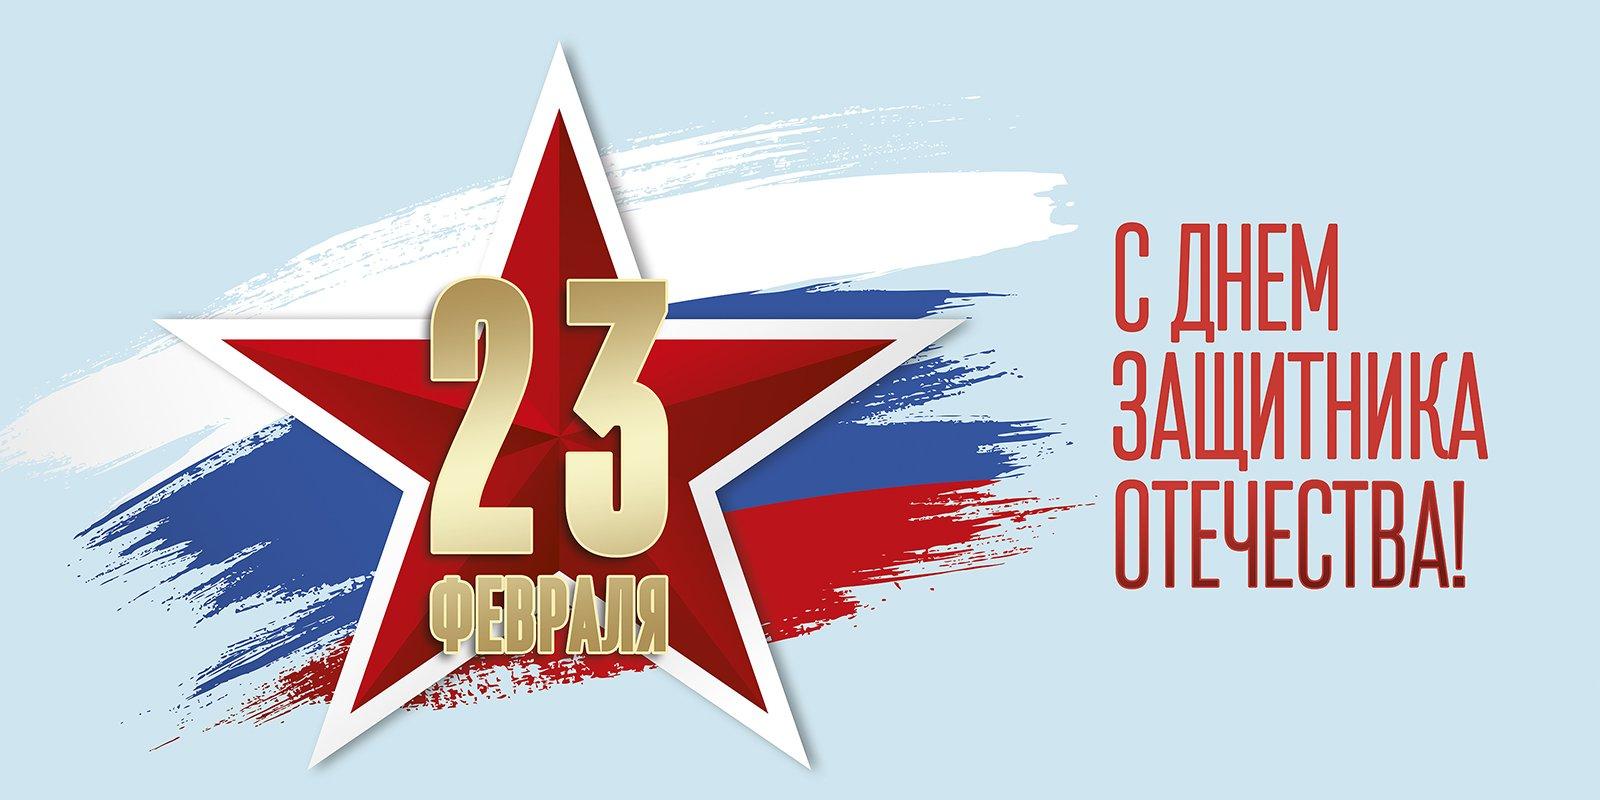 Жители Егорлыкского района поздравляют